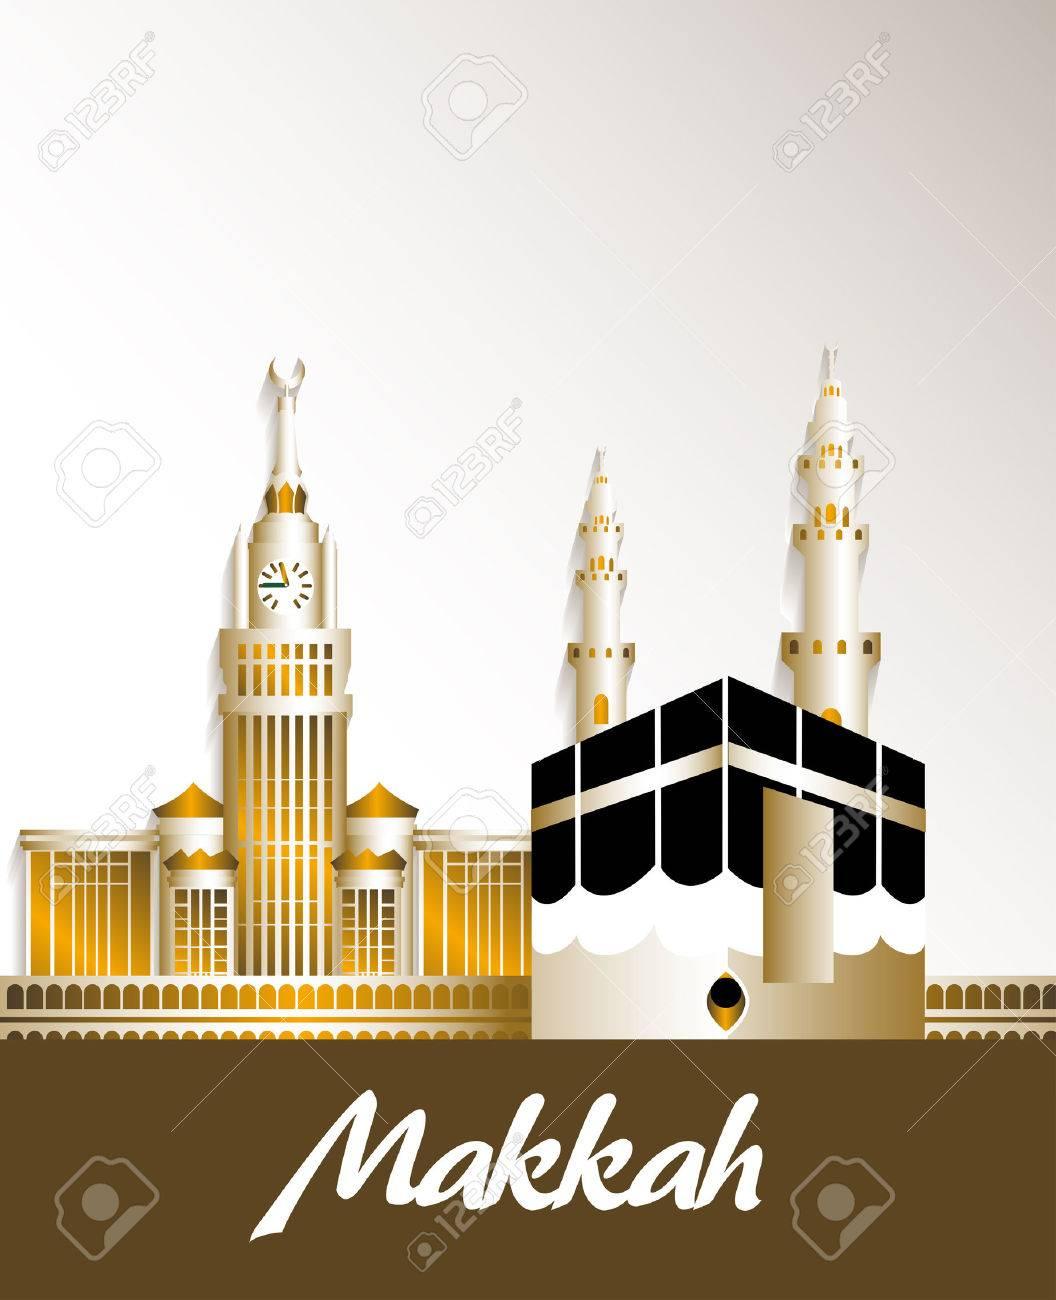 Makkah clipart 6 » Clipart Station.